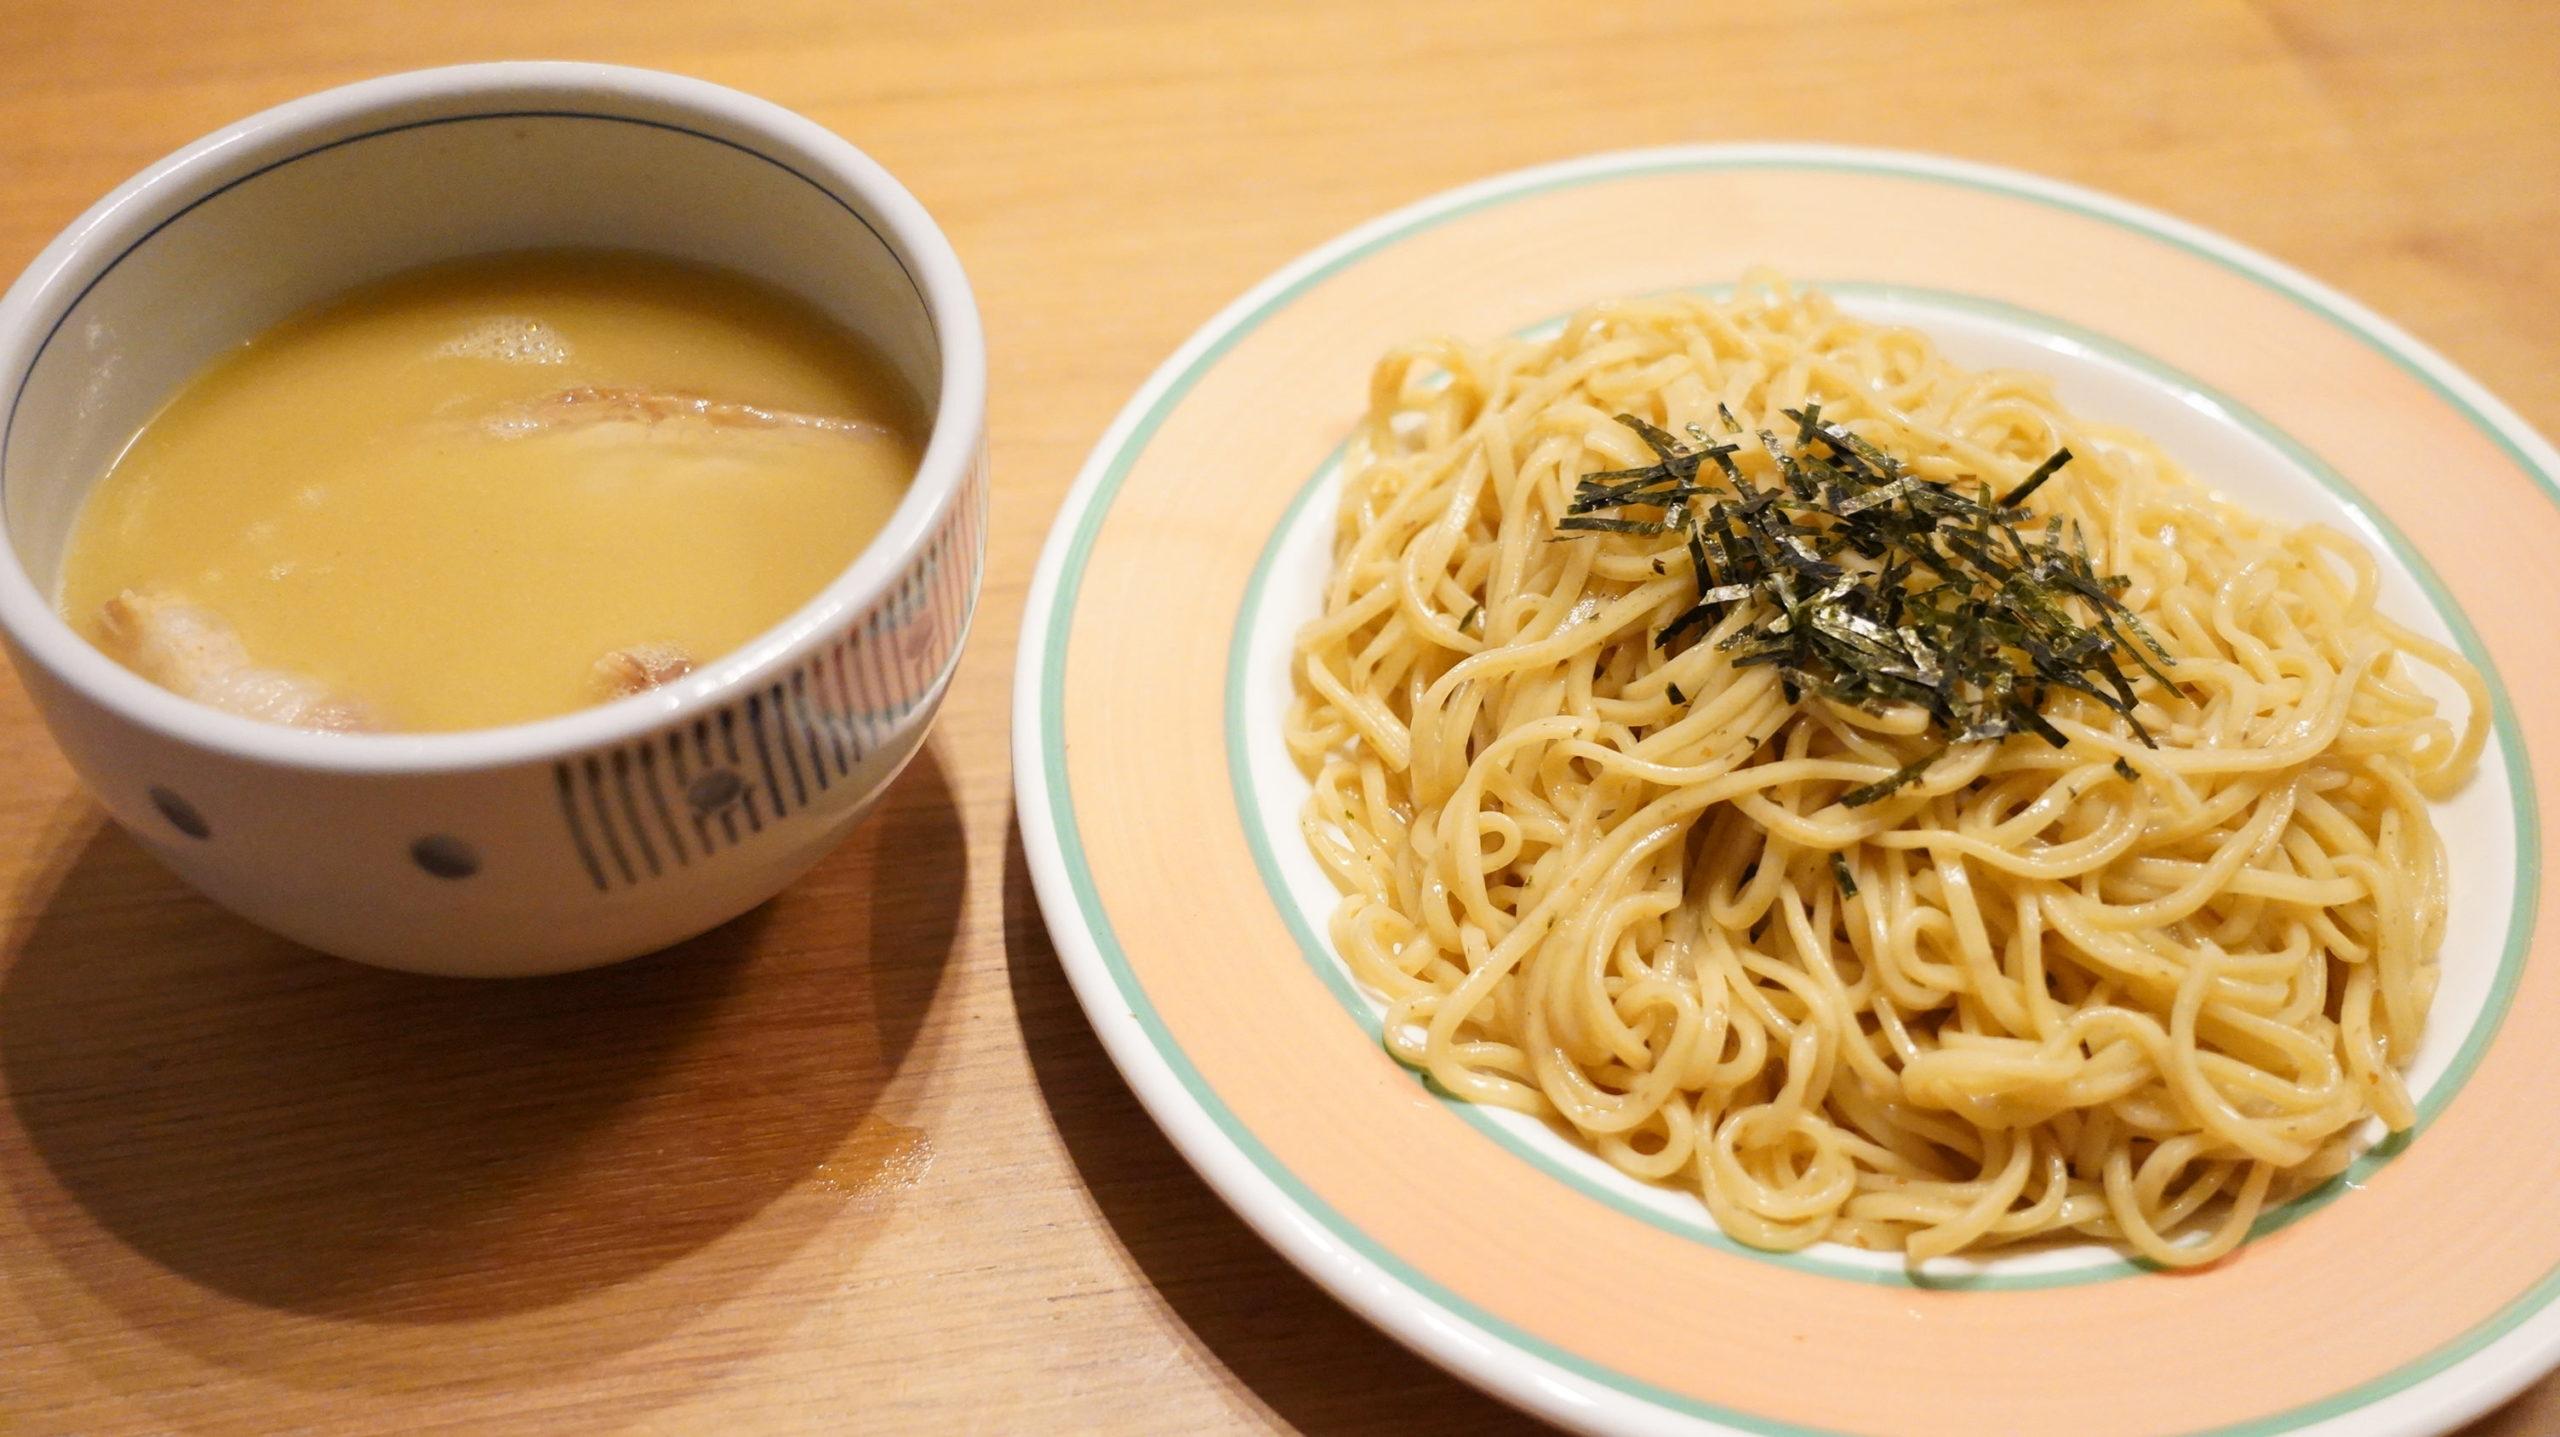 「ラーメンにっこう」のお取り寄せオンライン通販「柚子白湯つけ麺」の麺とスープの写真